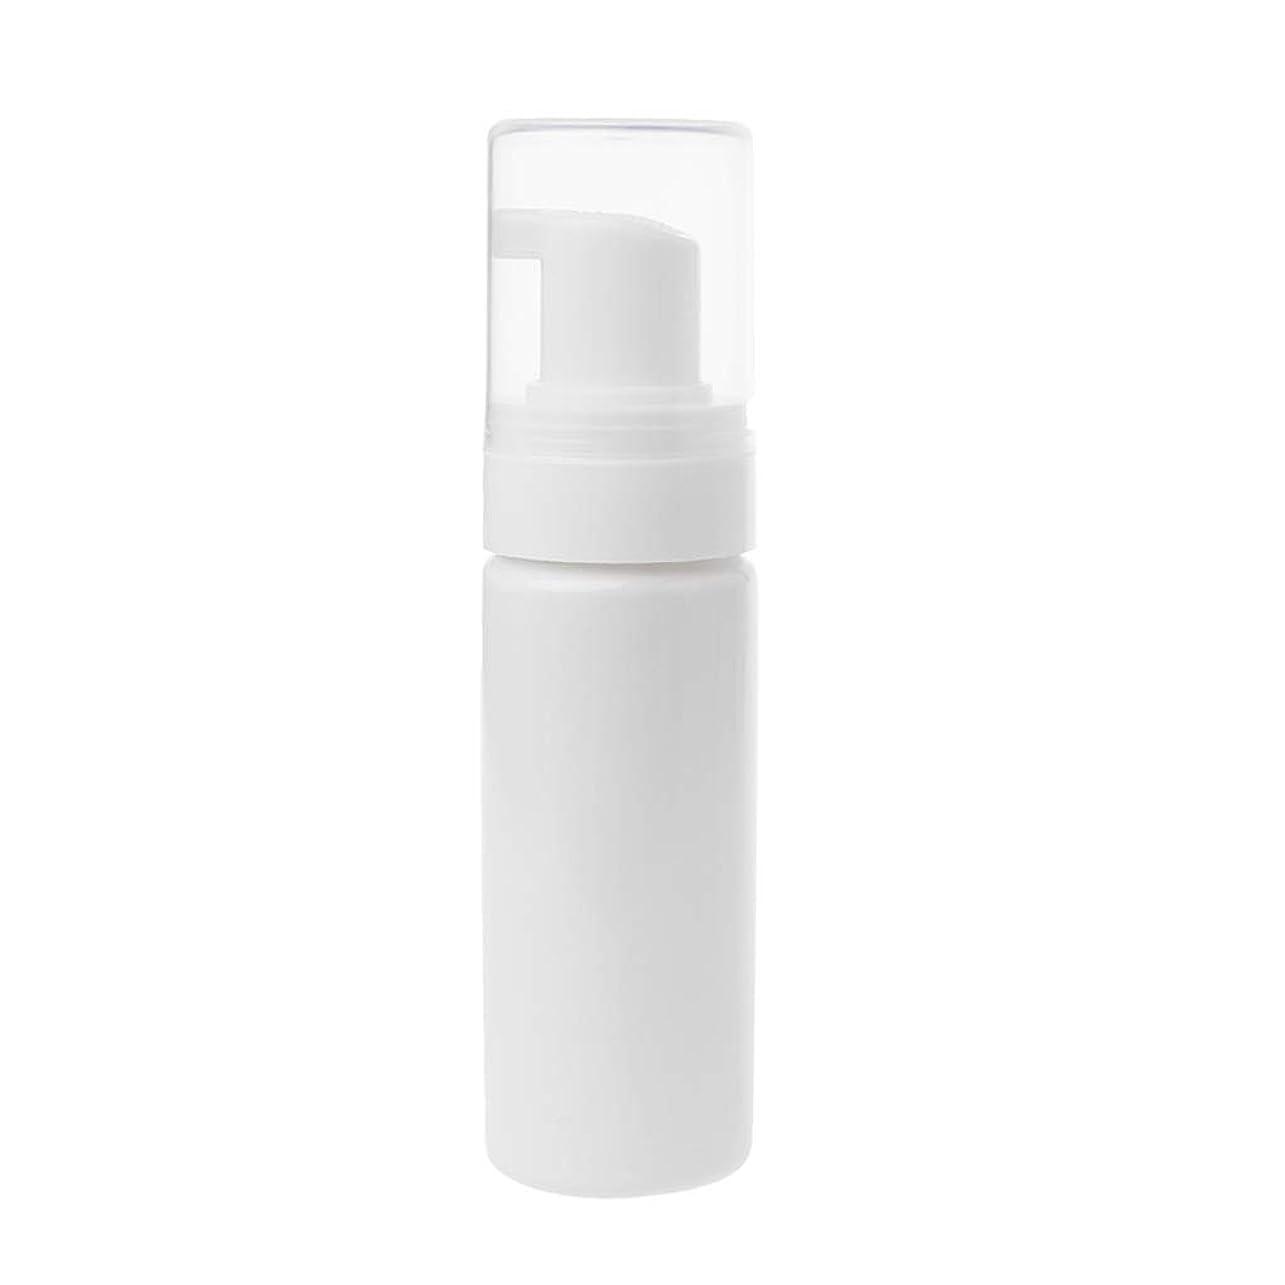 失望強打ランプDabixx クリーニング旅行のための50ml空の泡立つびん旅行石鹸の液体の泡のびん - A#